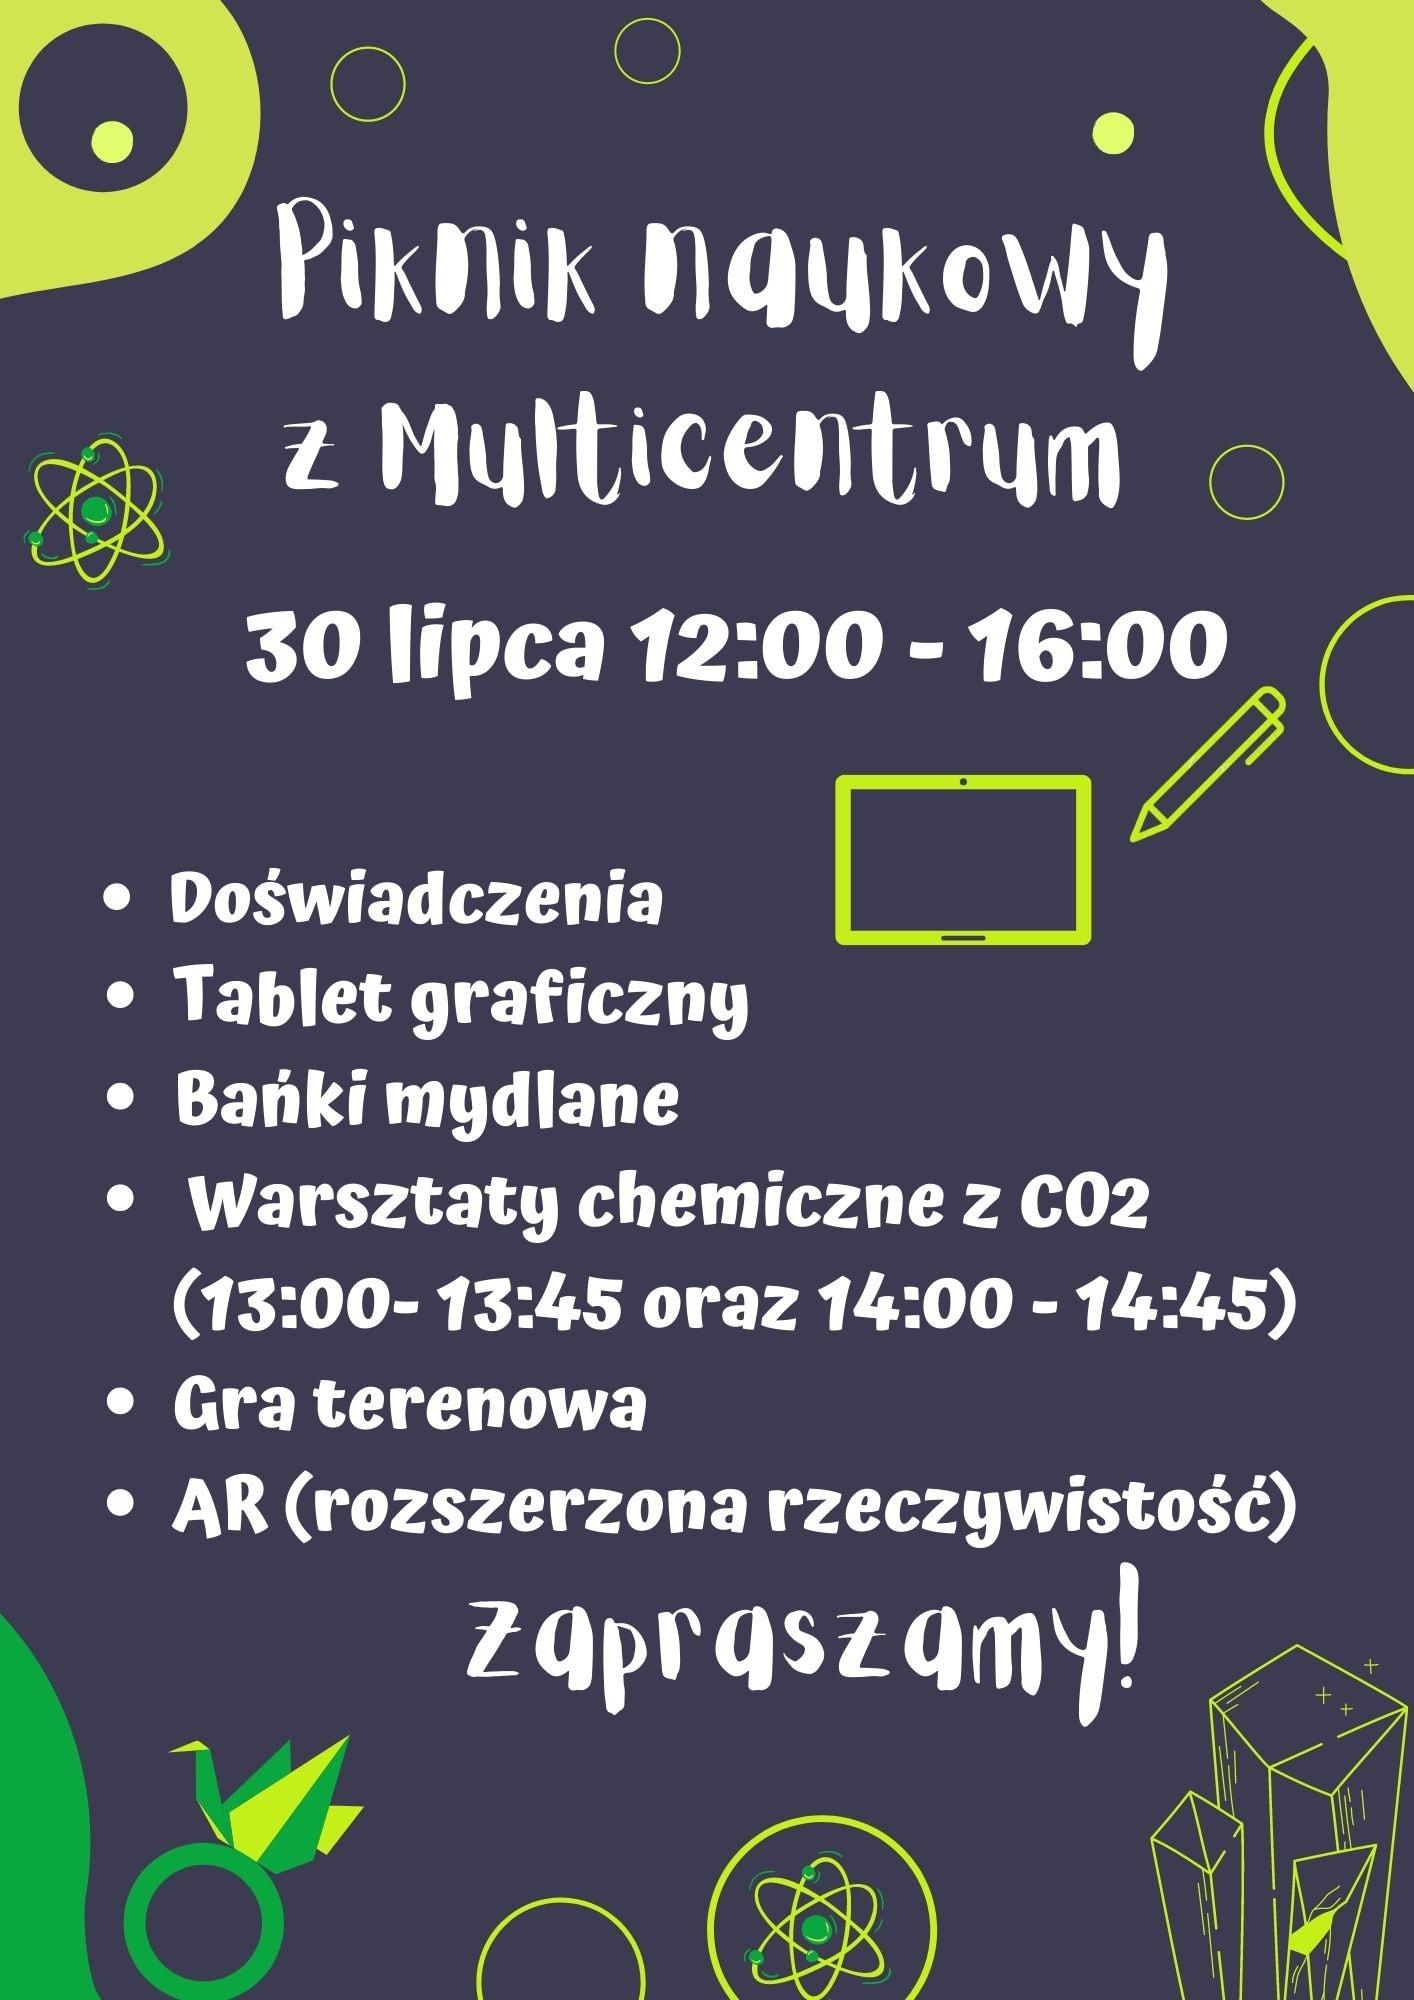 Piknik naukowy z Multicentrum